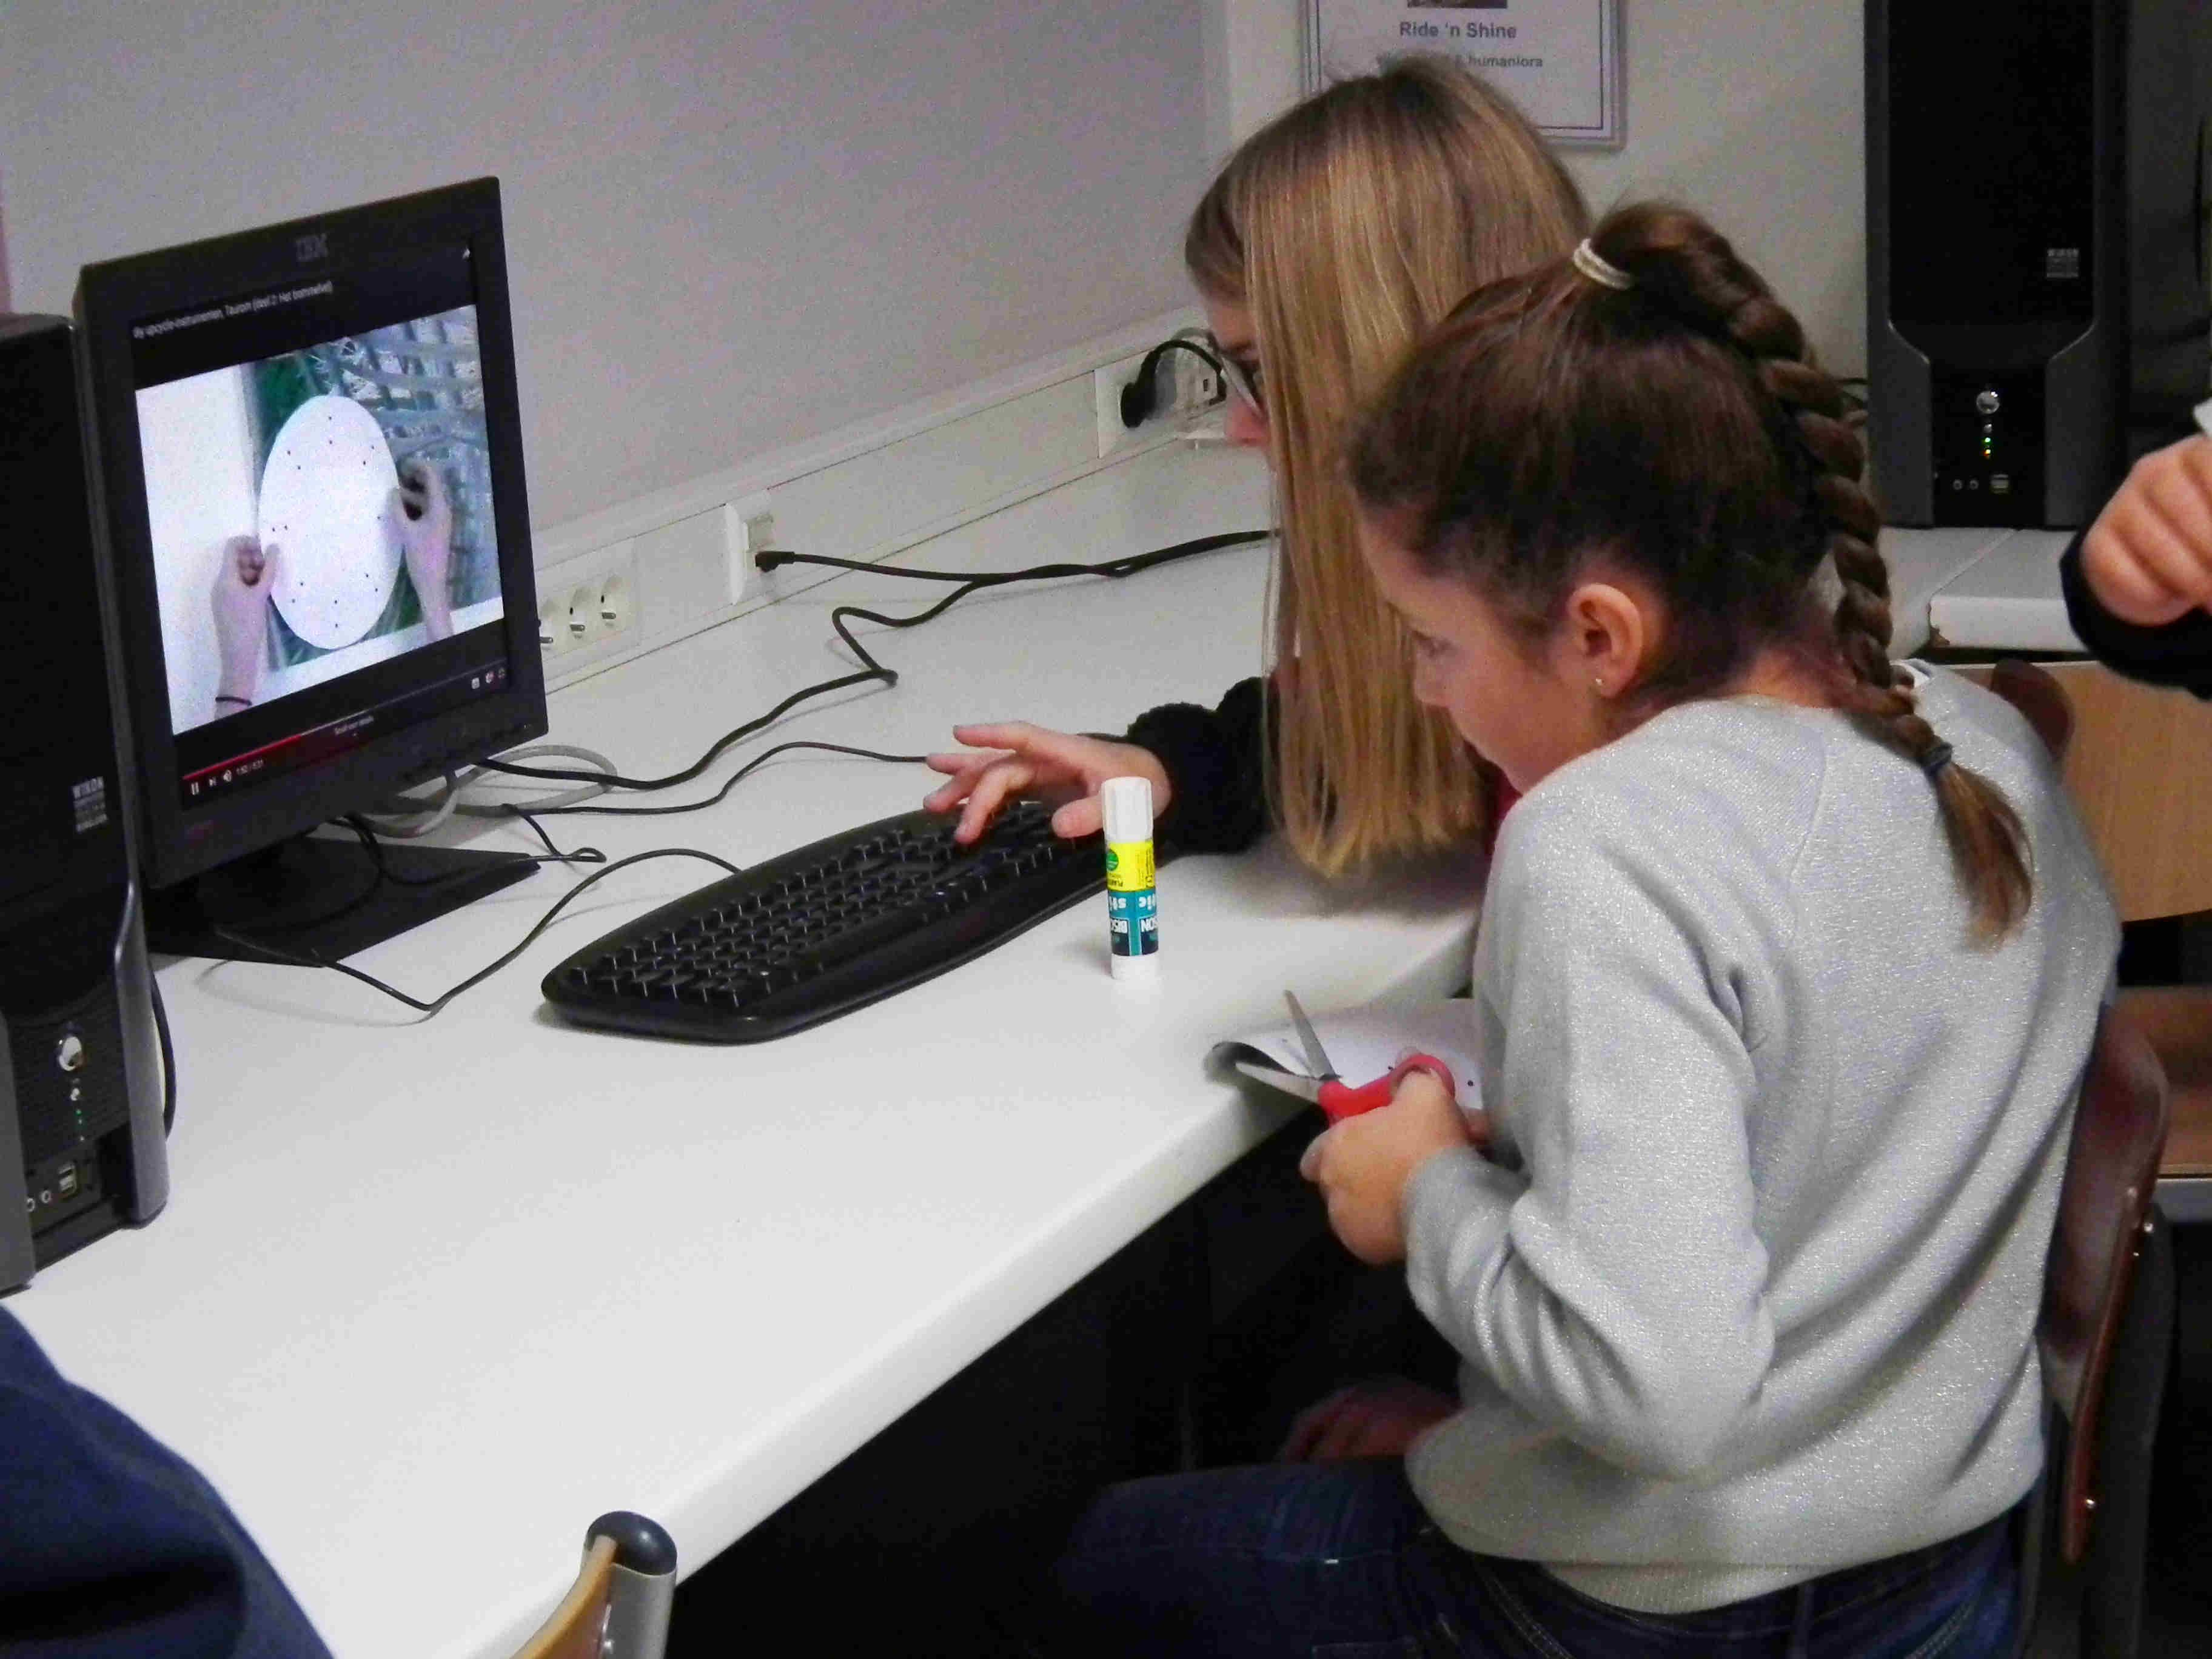 Via smartschool hebben leerlingen toegang tot de URL van de filmpjes. Bepaalde passages in de instructiefilmpjes worden best een tweede keer onder de loep genomen. Leerlingen bekijken in groepjes de beelden.